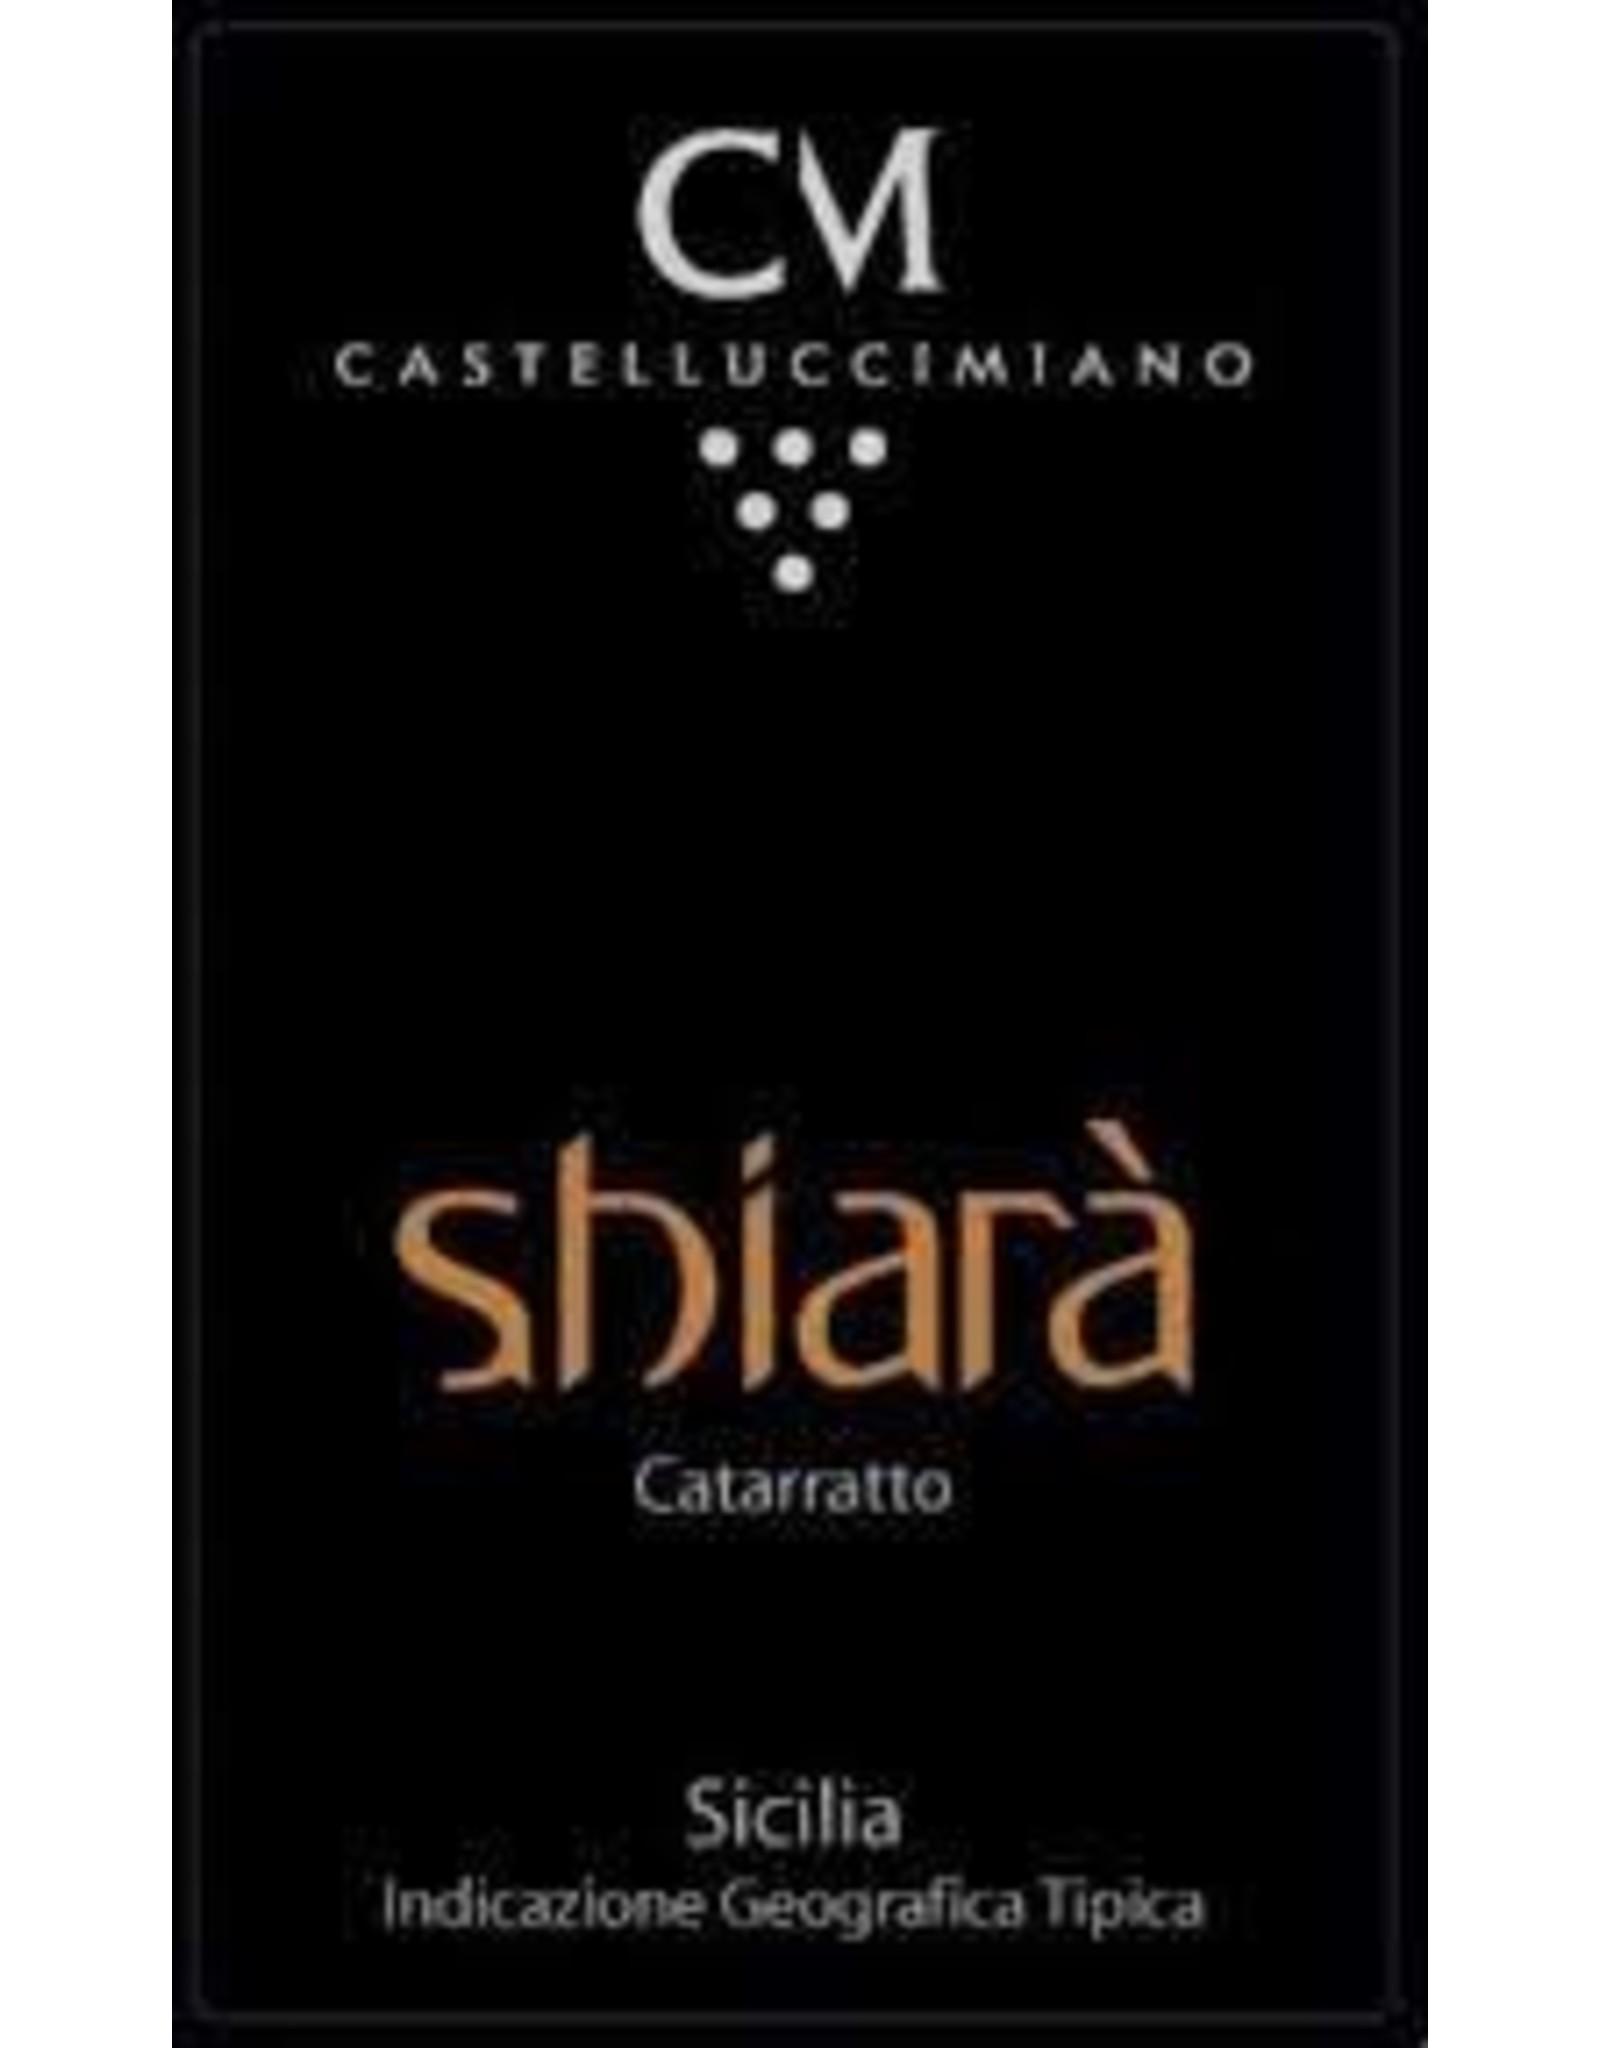 """CastellucciMaino CastellucciMaino """"Shiara"""" Catarratto, Sicily 2018"""